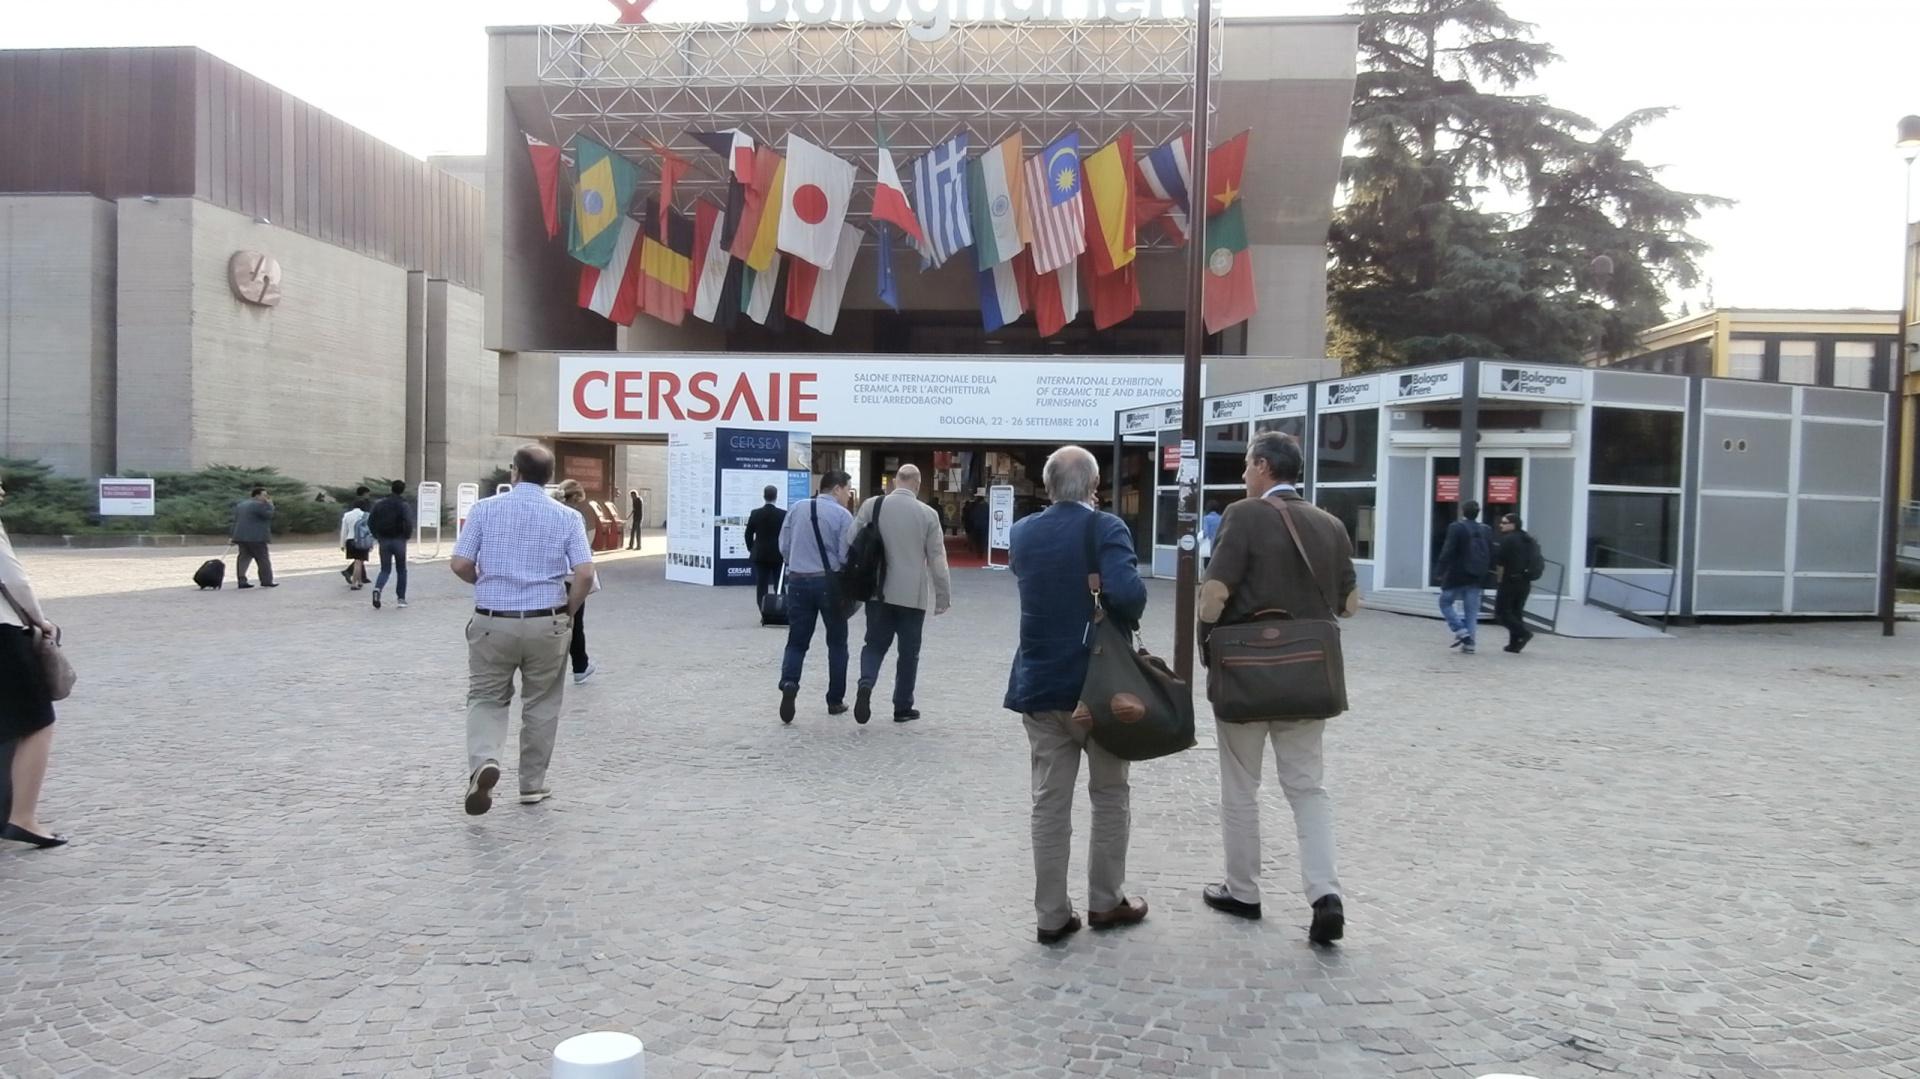 Byliśmy na targach bolońskich targach Cersai 2014, które odbyły się 22 września br. Zobaczcie najnowsze i najbardziej trendowe produkty wyposażenia łazienek. Fot. Anna Raducha-Romanowicz